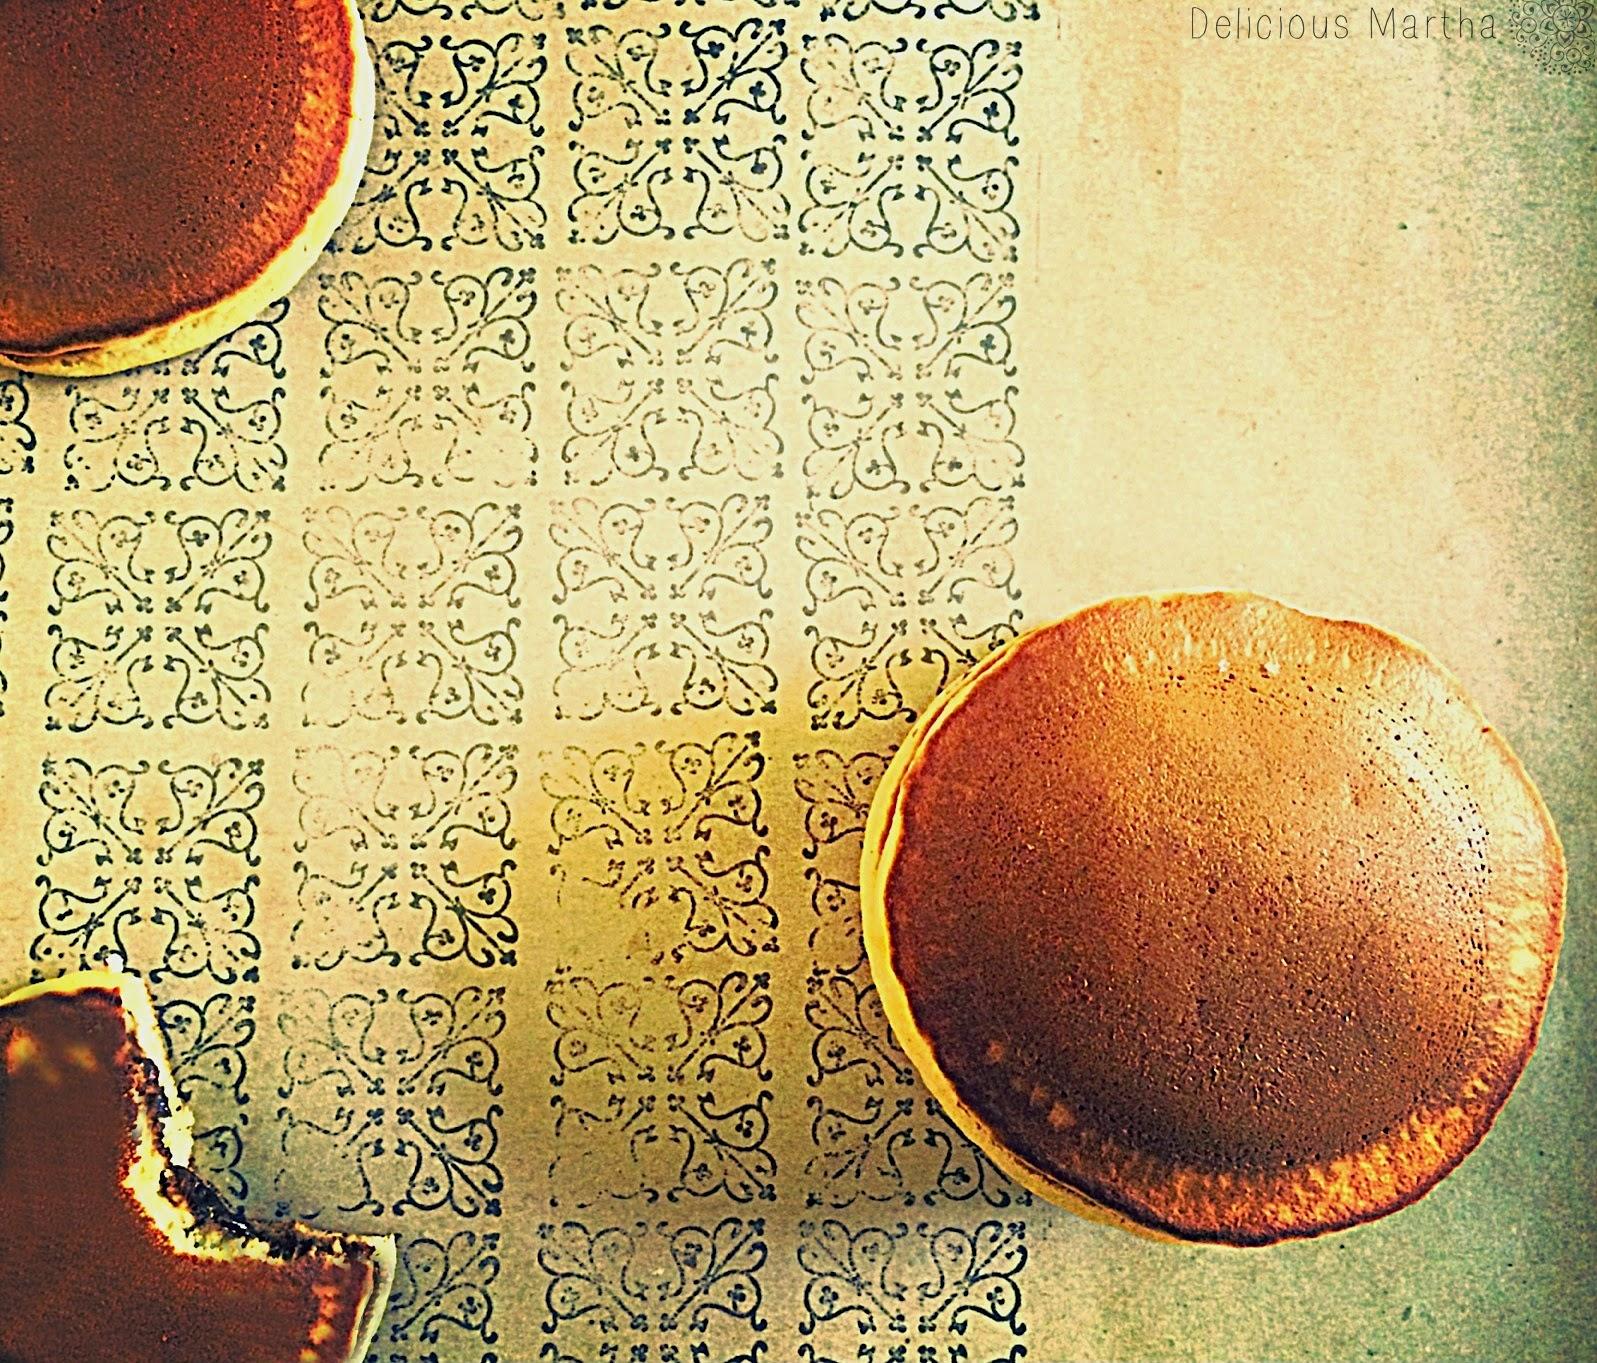 Dorayakis rellenos de crema de chocolate